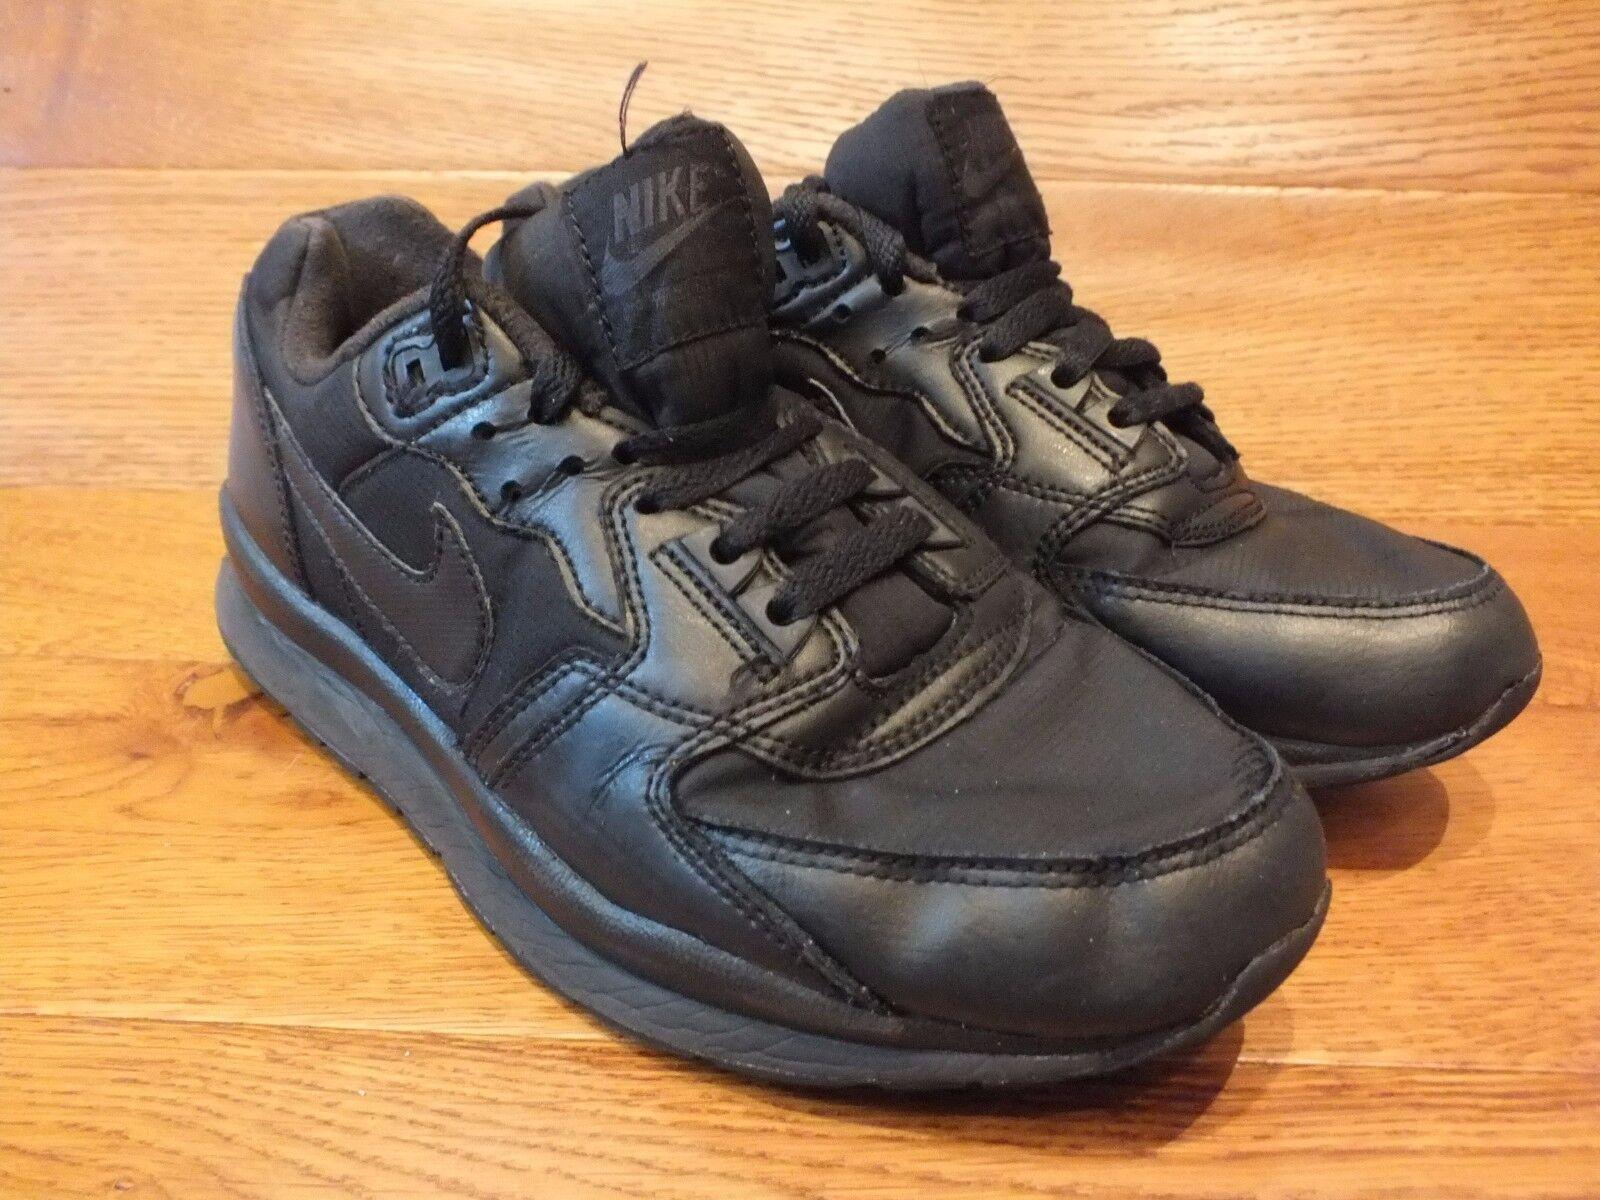 Nike Air Coursevent Baskets 2 Noir Baskets Coursevent Décontractées Taille UK 7 EU 41 9c59e1